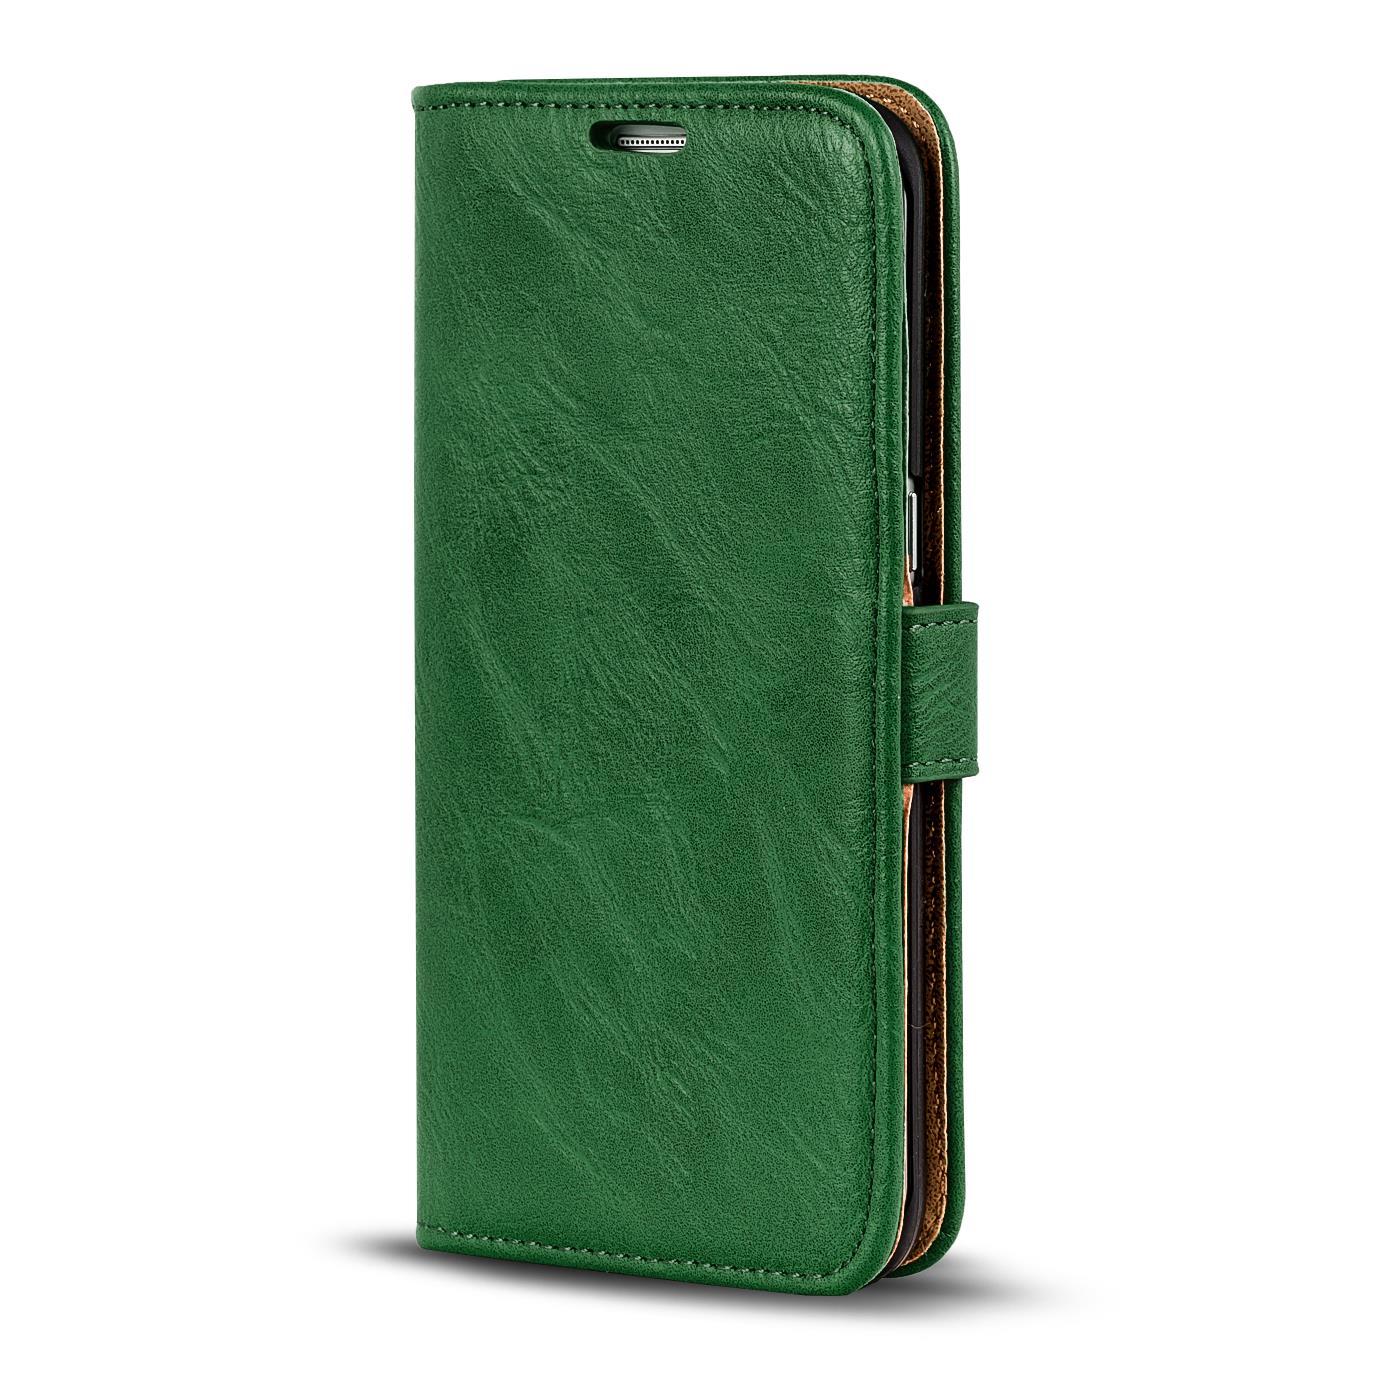 Handy-Tasche-Huelle-Samsung-Galaxy-J1-2016-Case-Klapphuelle-PU-Leder-Wallet-Cover Indexbild 2